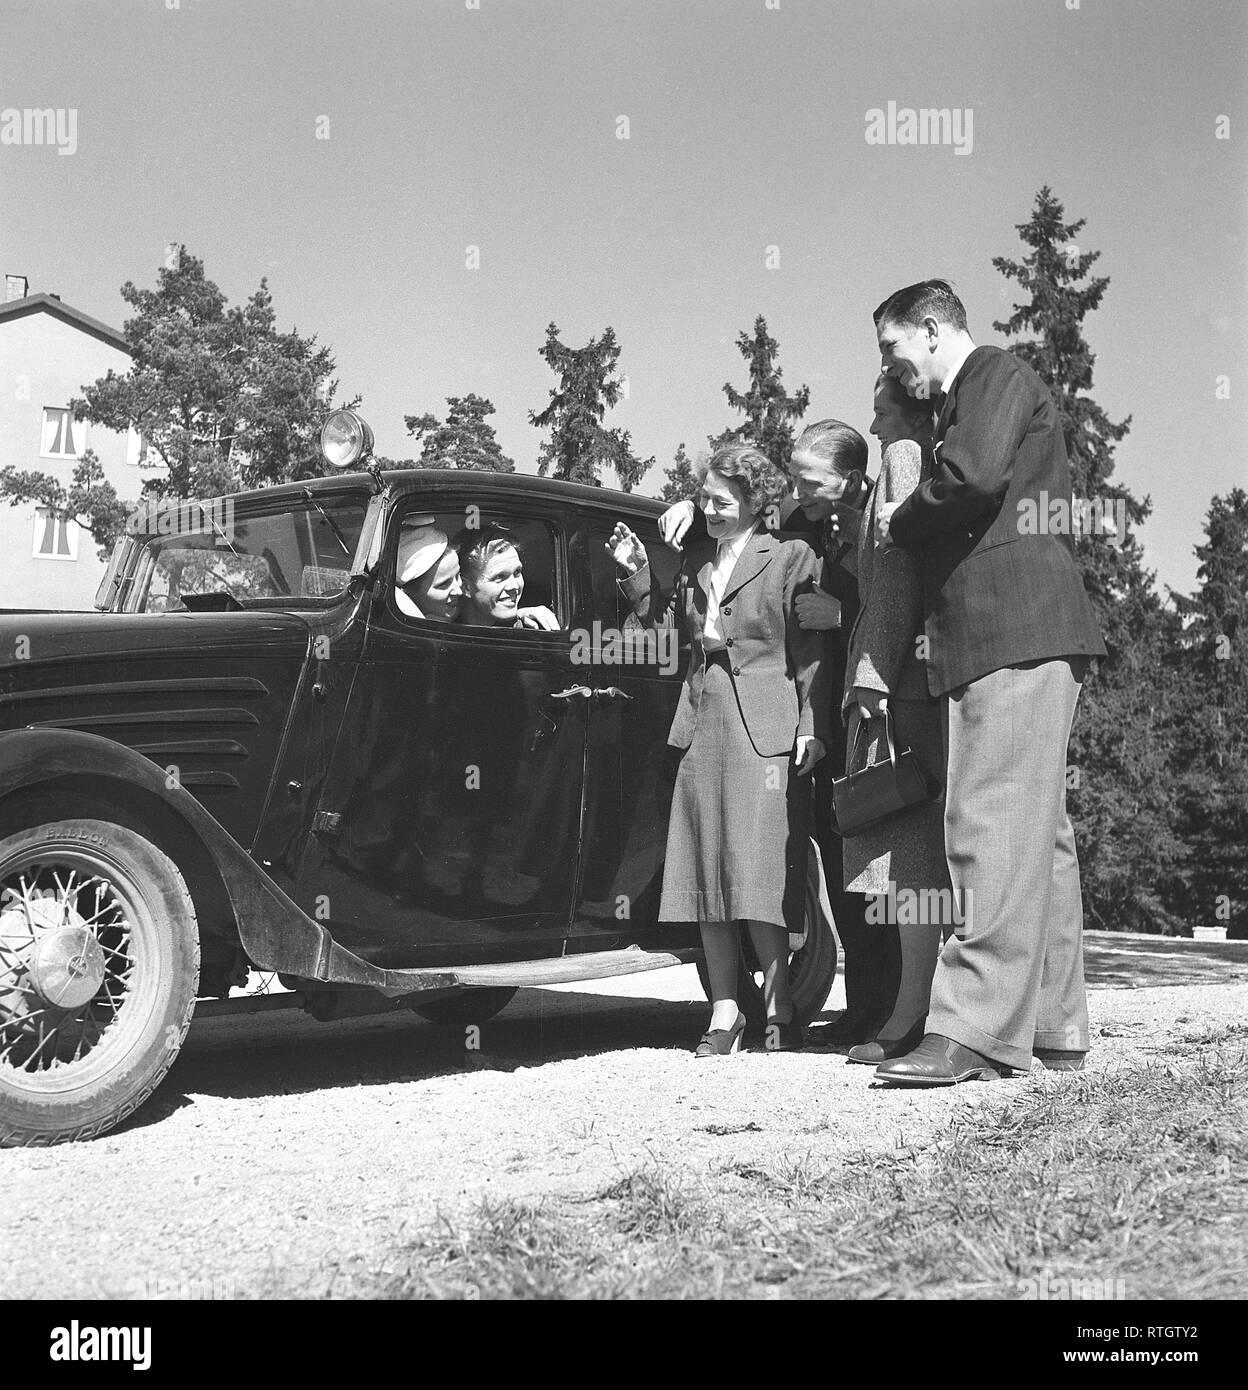 Estilo de vida en la década de 1950. Una pareja joven en su cámara diciendo adiós a un grupo de personas que han visitado. Foto Kristoffersson Ref BF77-2. Suecia 1952 Foto de stock